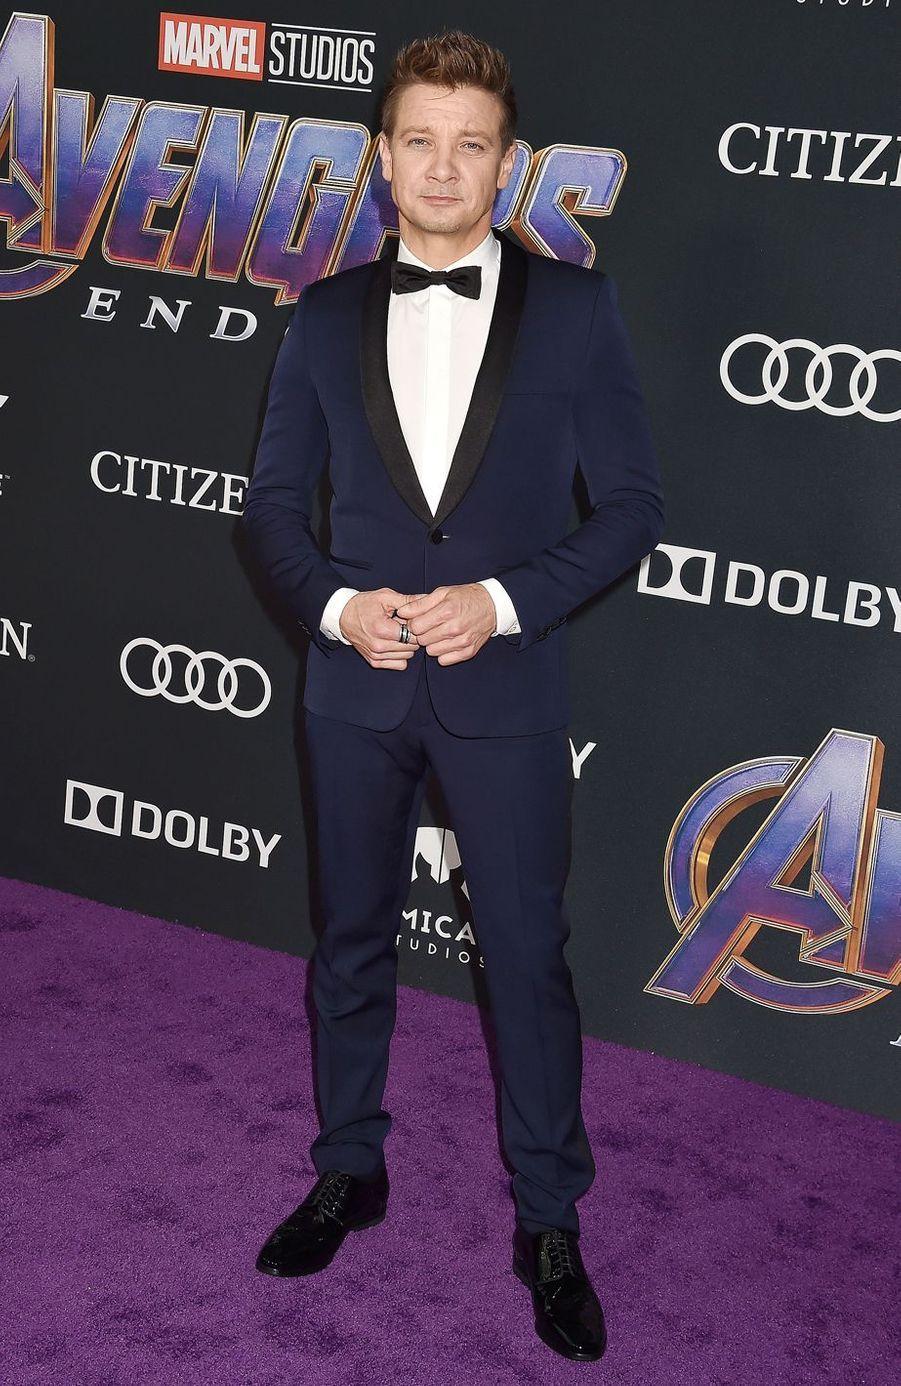 Jeremy Rennerà l'avant-première d'«Avengers : Endgame» à Los Angeles le 22 avril 2019